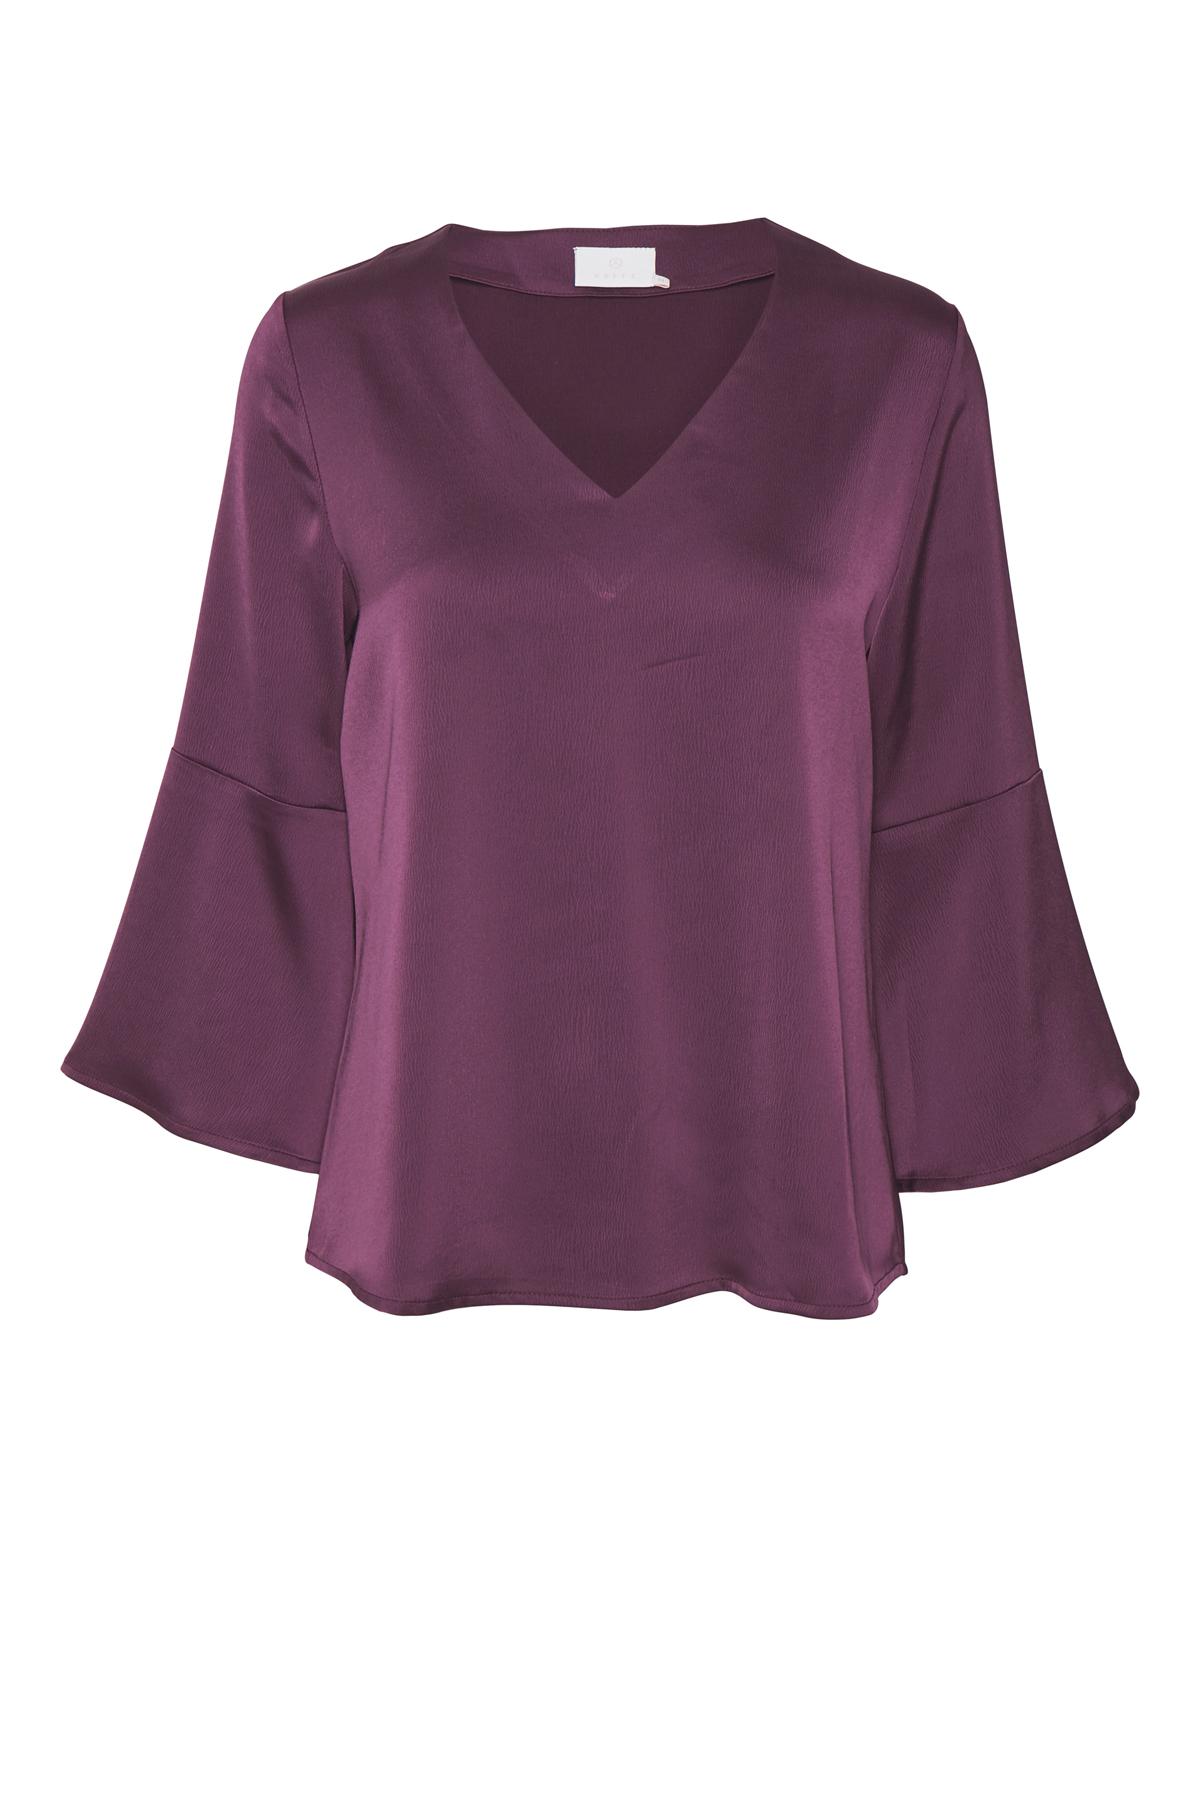 Mørk lilla Langærmet bluse fra Kaffe – Køb Mørk lilla Langærmet bluse fra str. 34-46 her